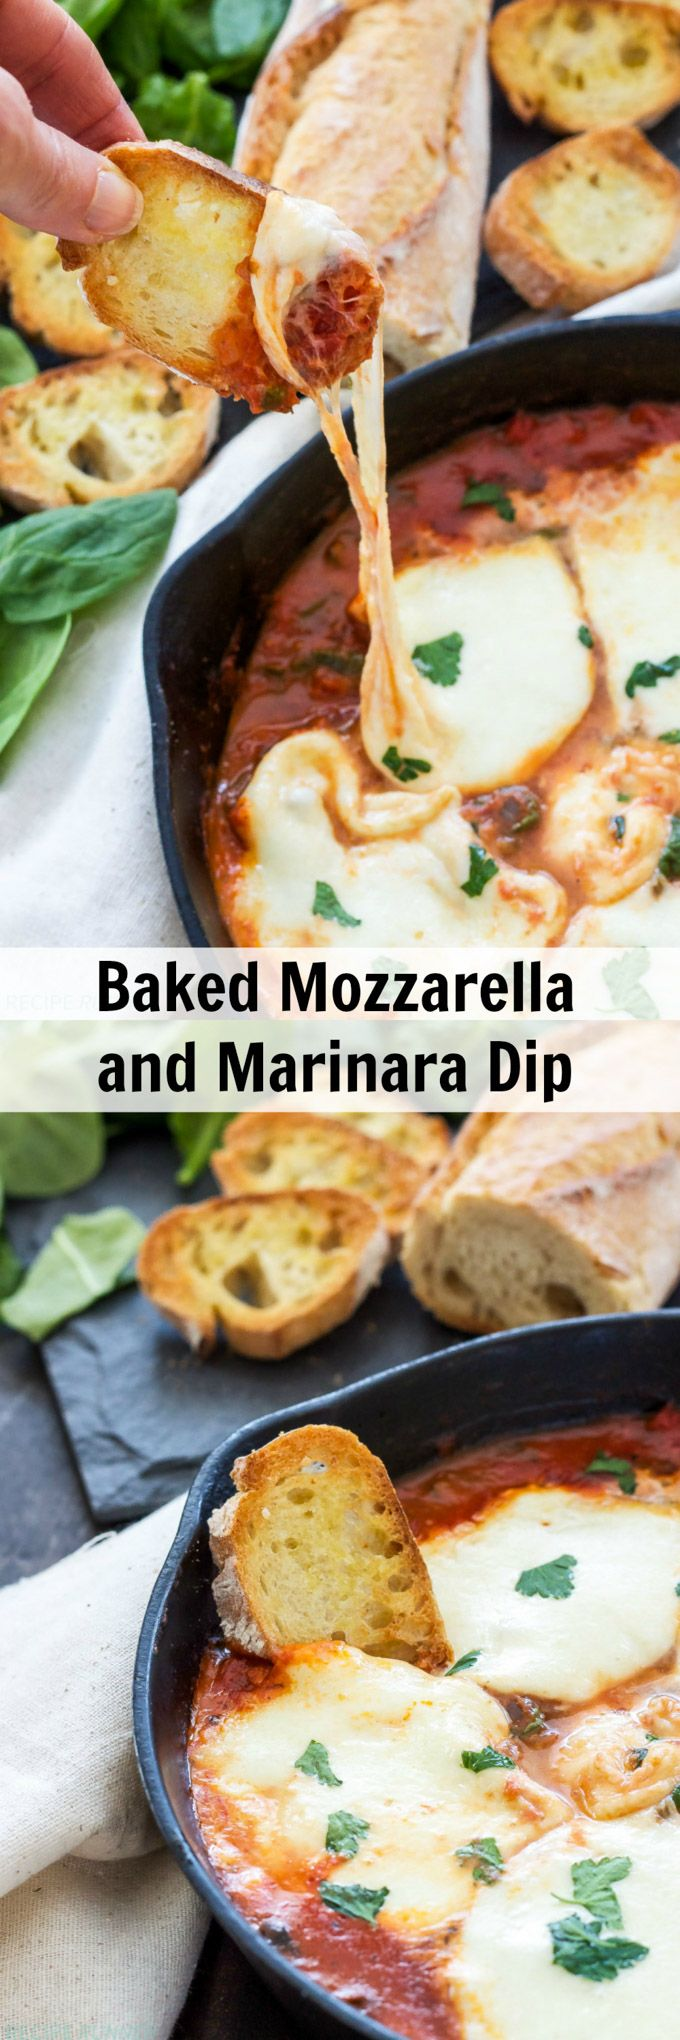 Baked Mozzarella and Marinara Dip   Marinara sauce, spinach and fresh mozzarella cheese are all you need to make this easy three ingredient Baked Mozzarella and Marinara Dip!